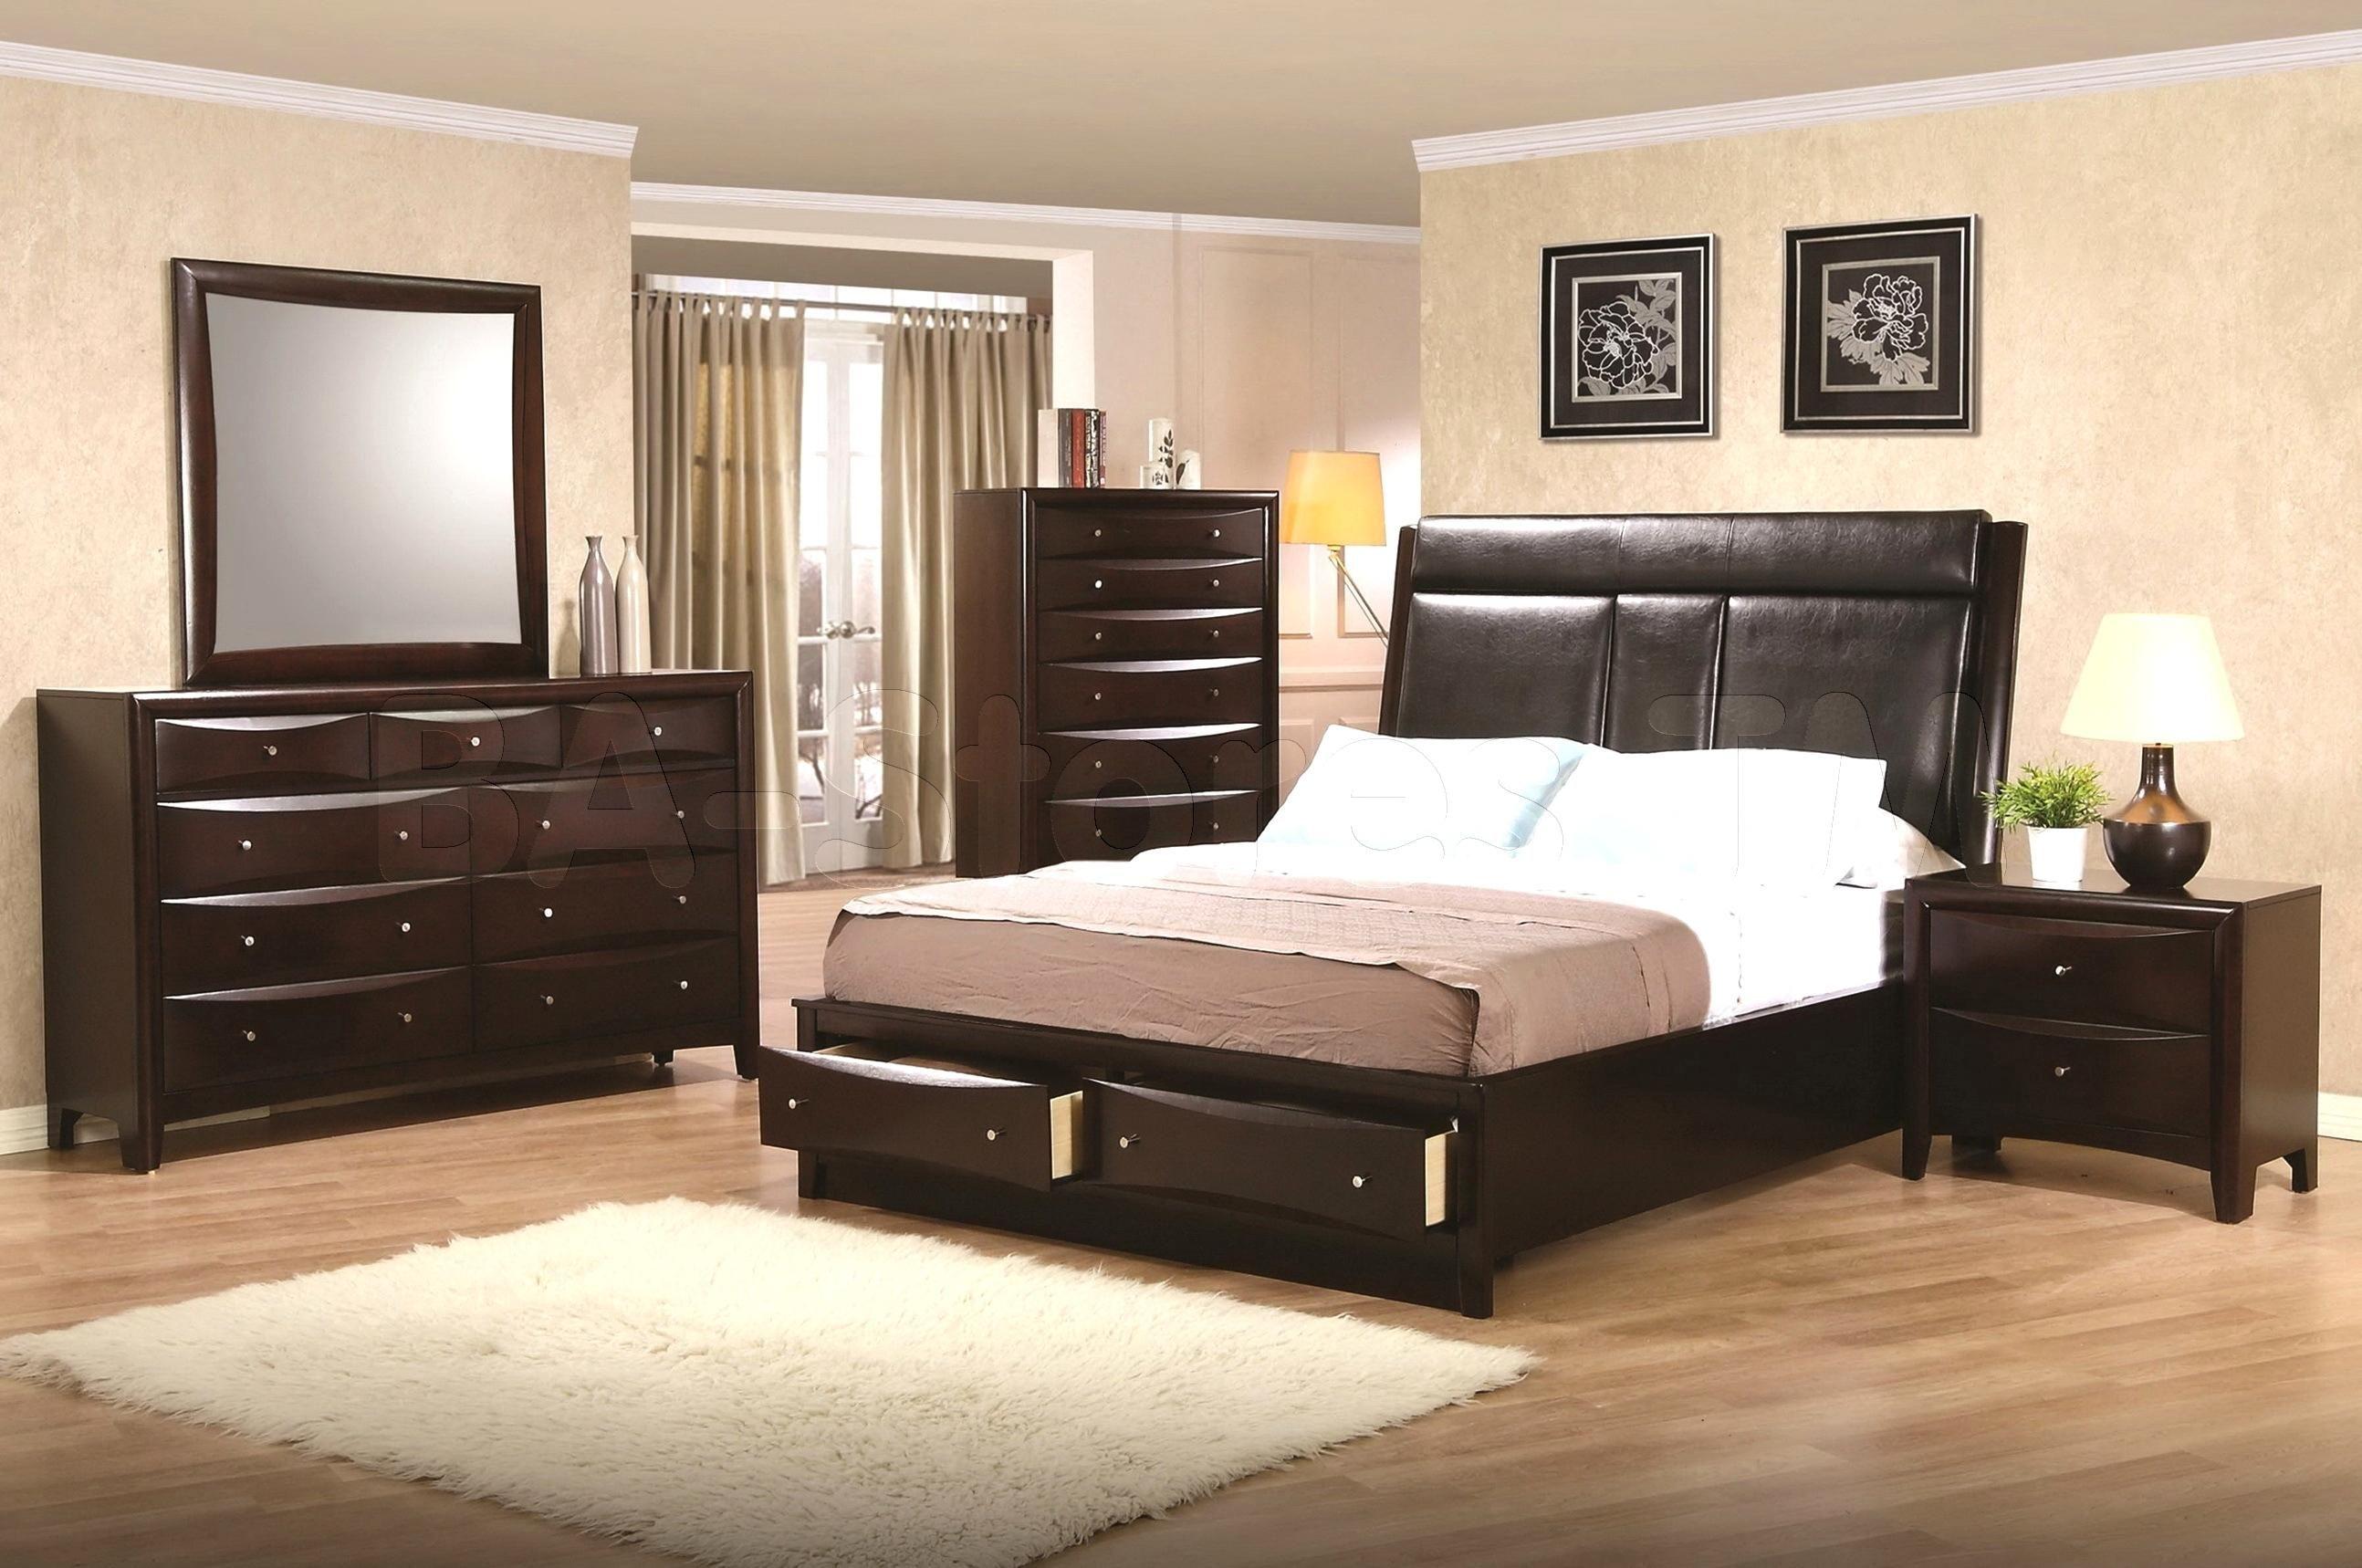 Neueste Ikea Schlafzimmer Designs (mit Bildern